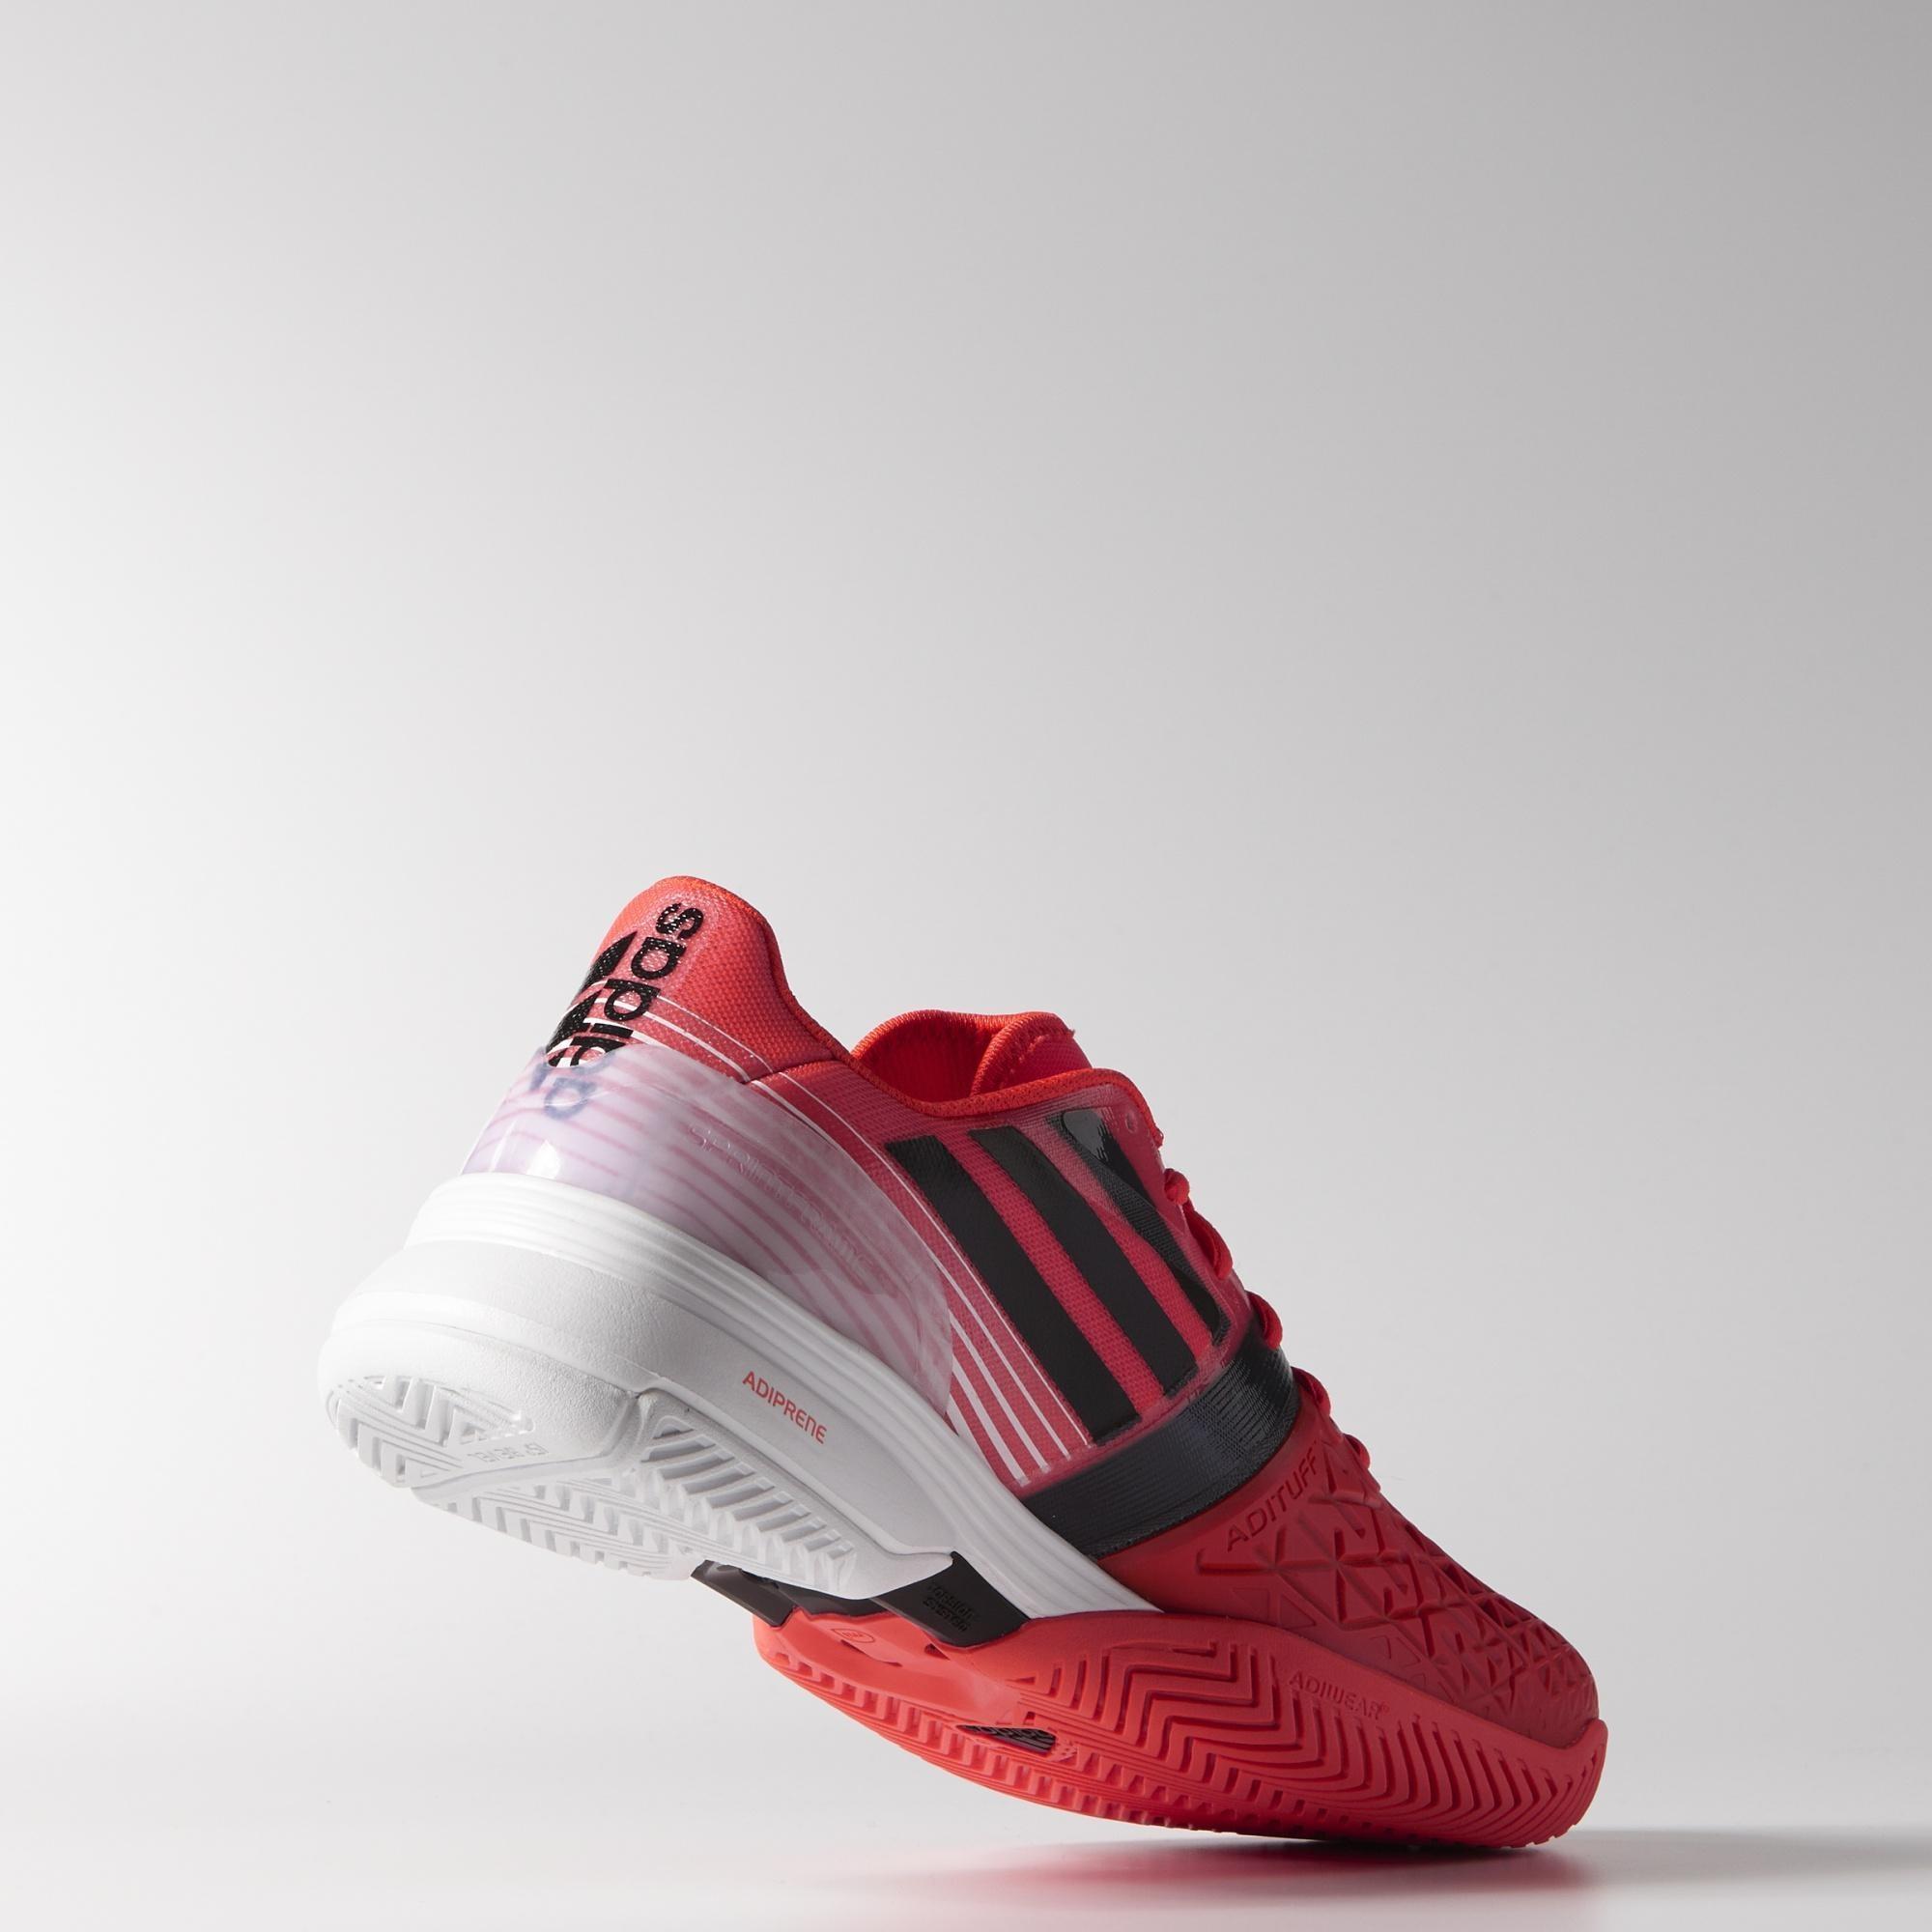 Adidas Adizero Cc Piuma Iii Nero Scarpa Rossa / Degli Uomini YZlD0Hb